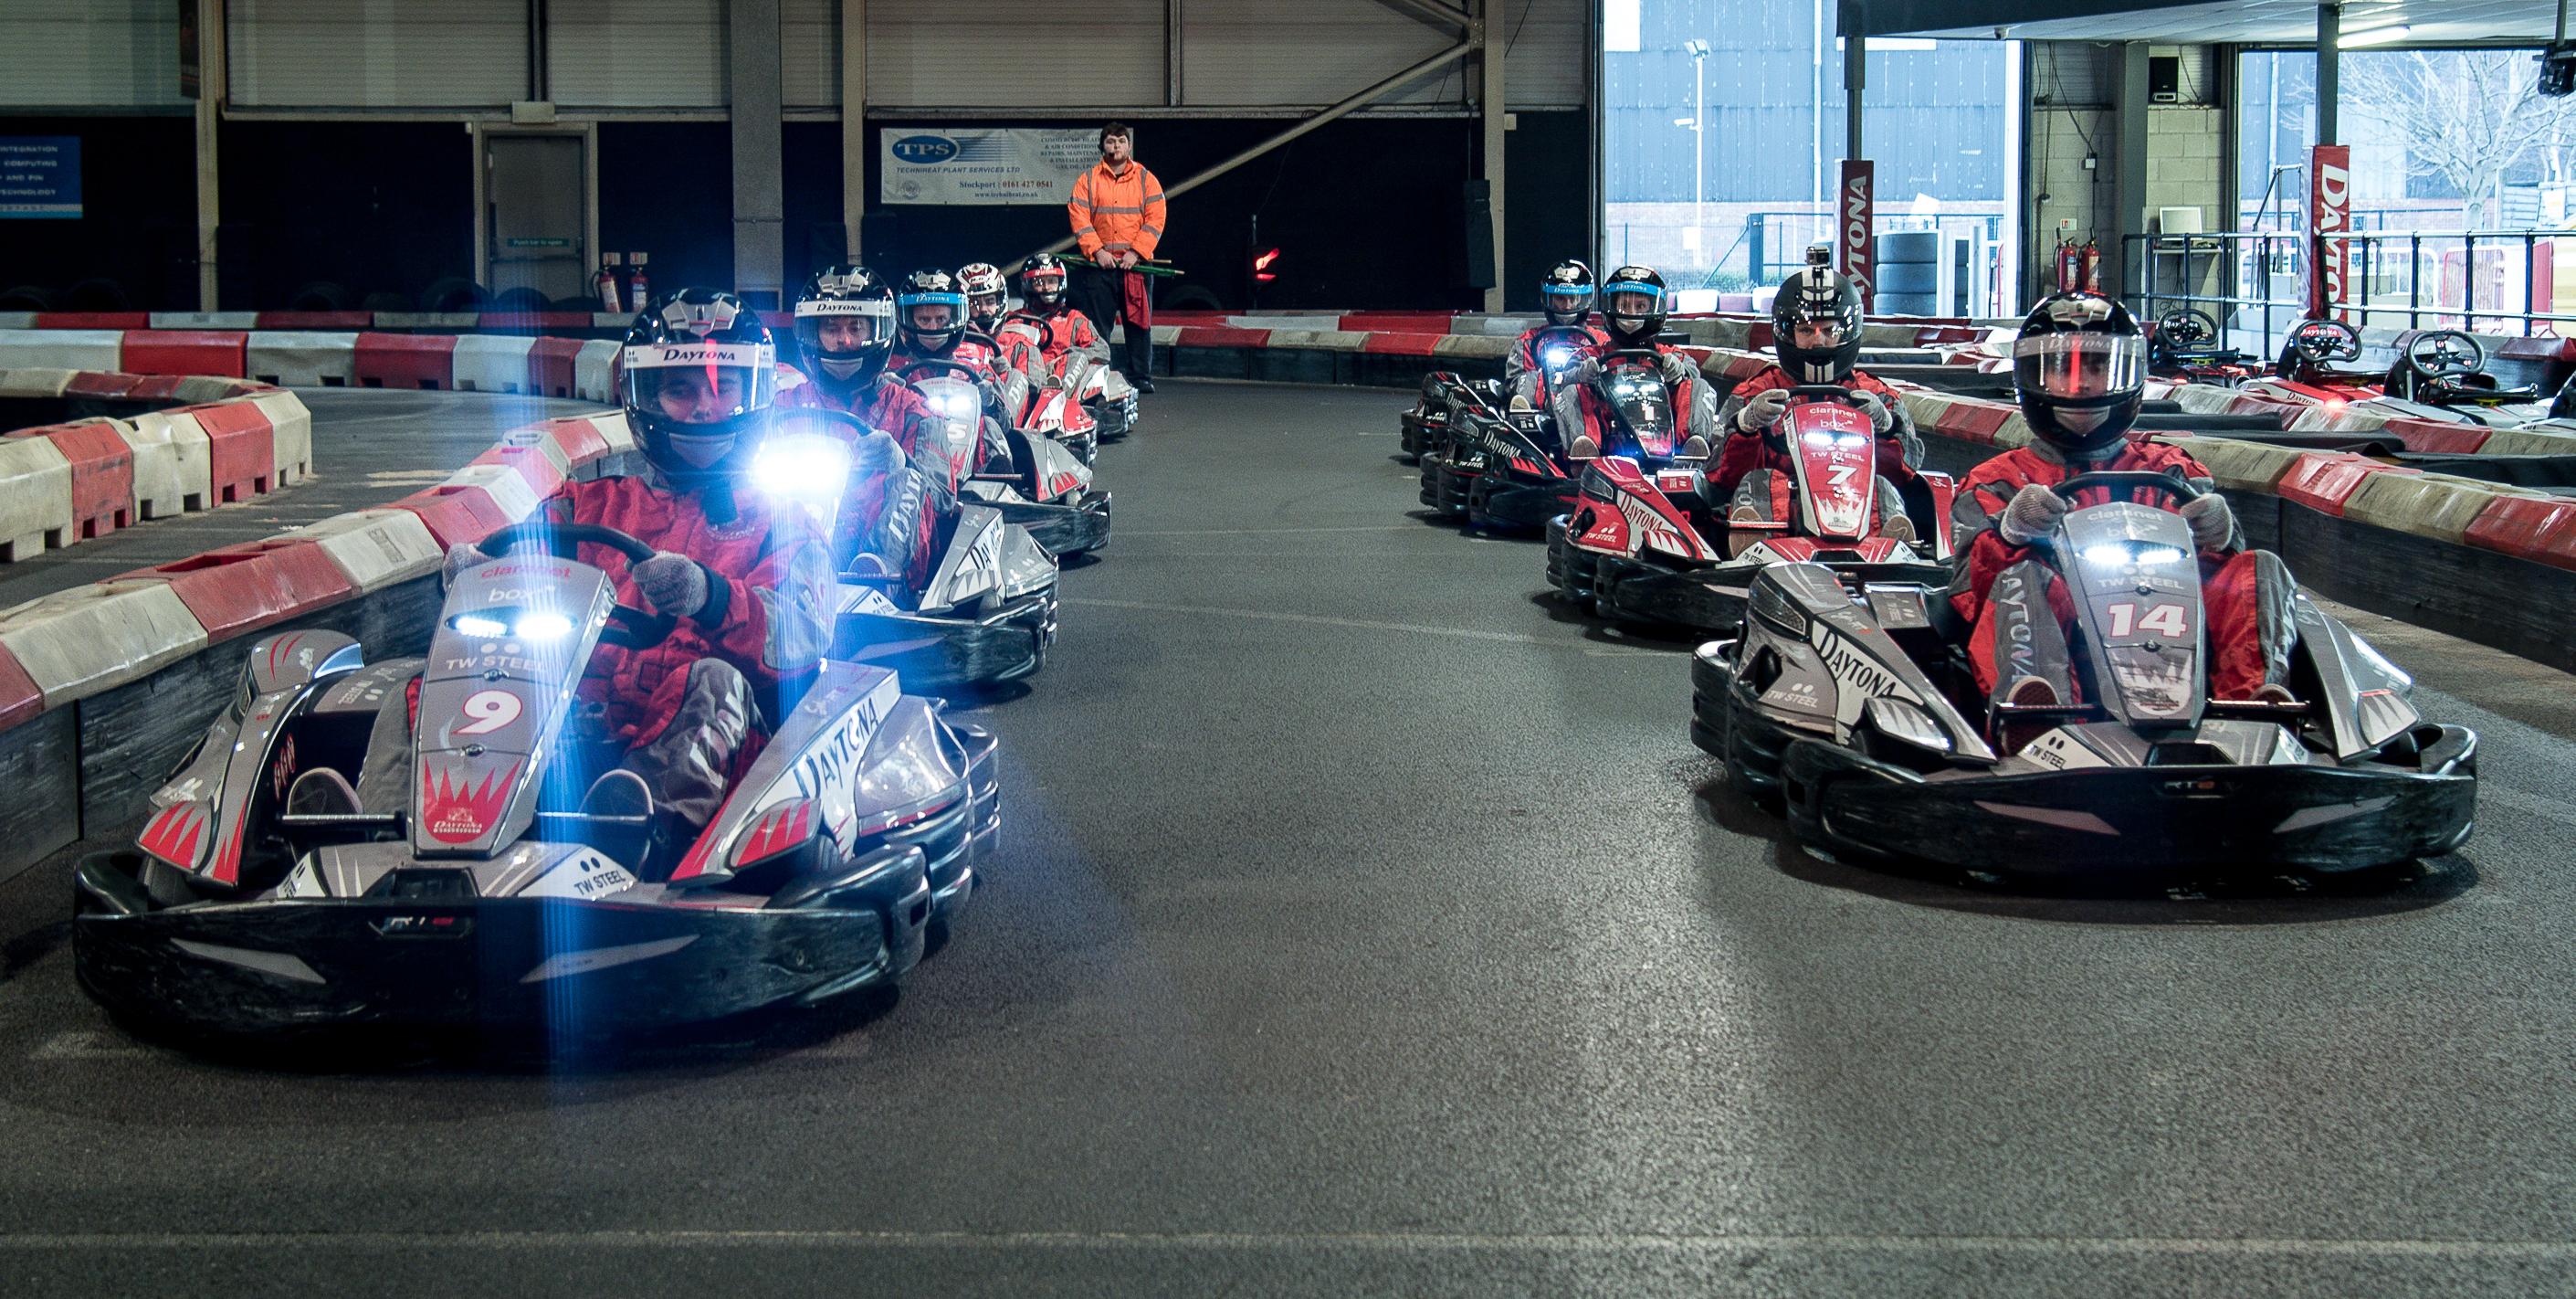 Tamworth Go Karting >> Daytona Manchester InKart is GO - Karting at Daytona : Karting at Daytona